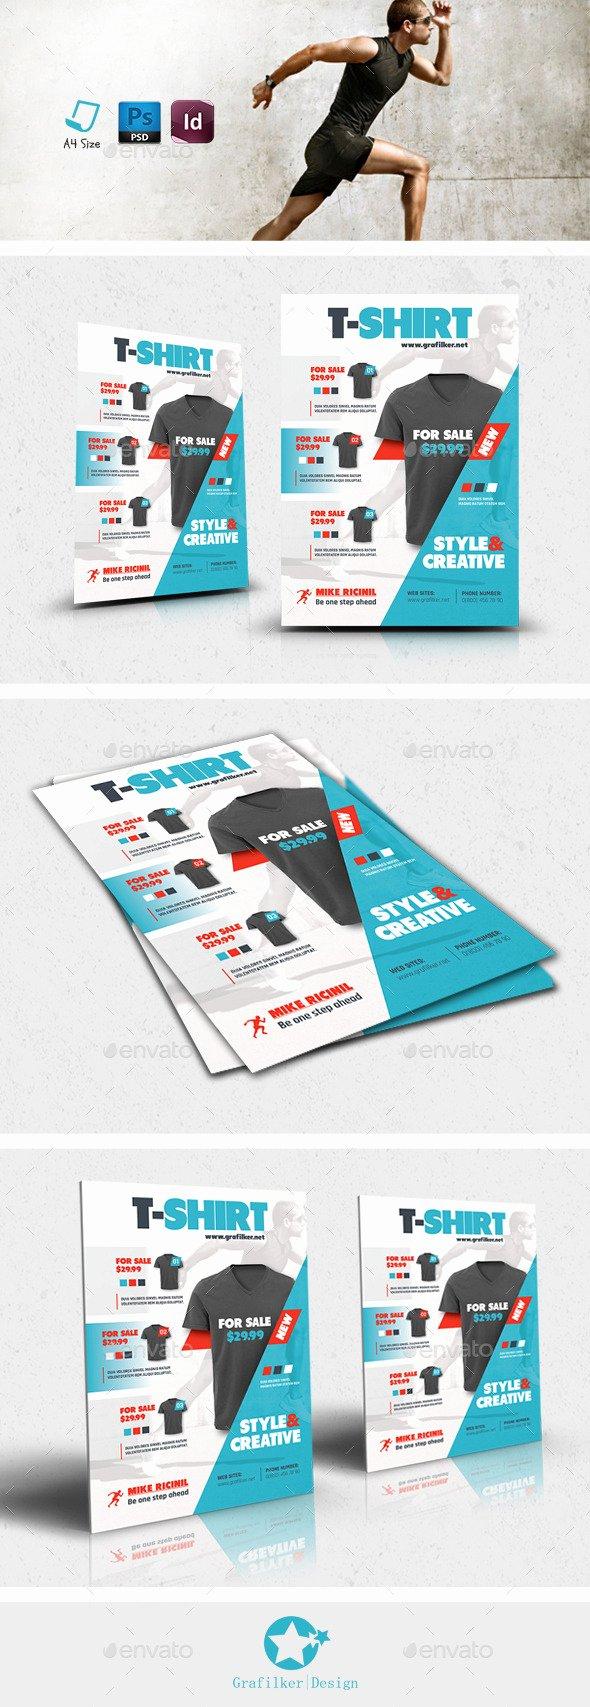 T Shirt Flyer Template Fresh T Shirt Flyer Templates by Grafilker02